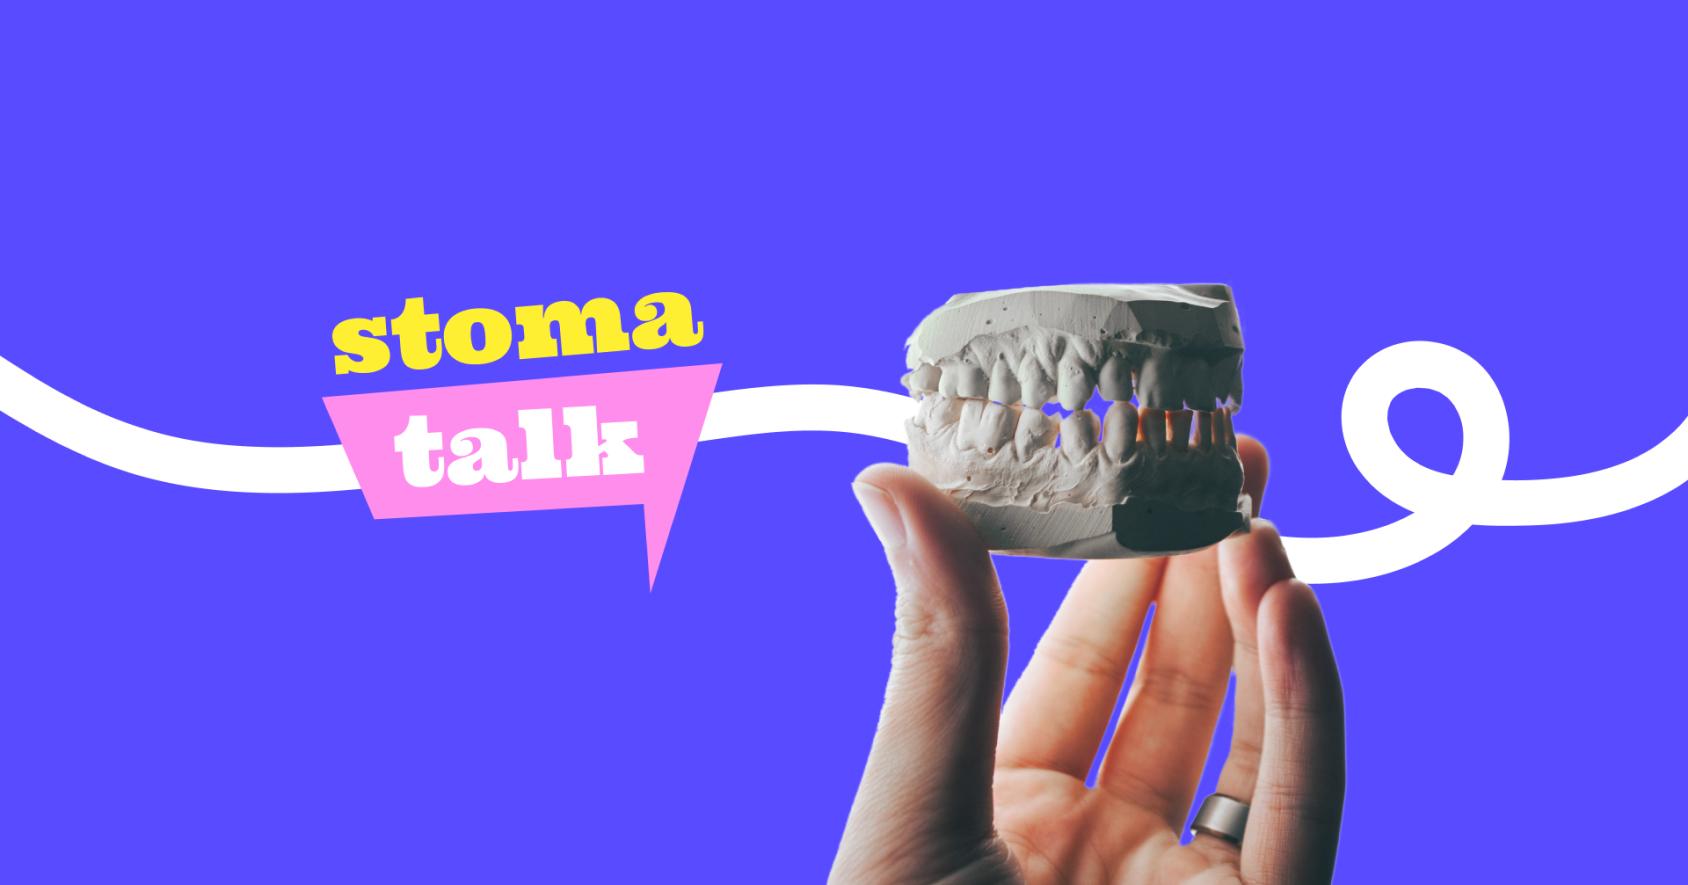 Stomatalk